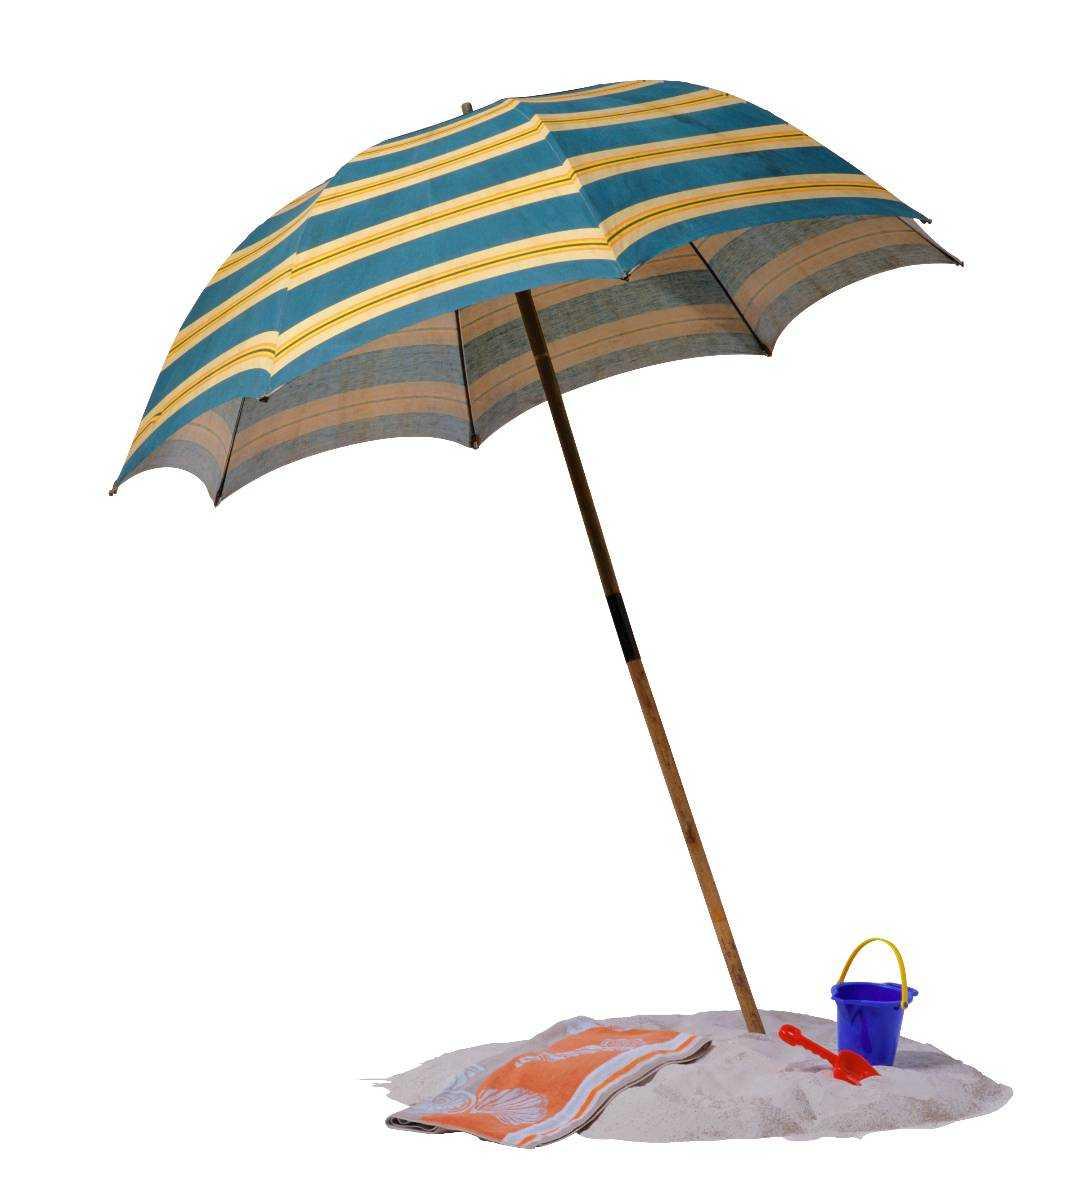 Städa undan paraplyet och plocka fram parasollet!